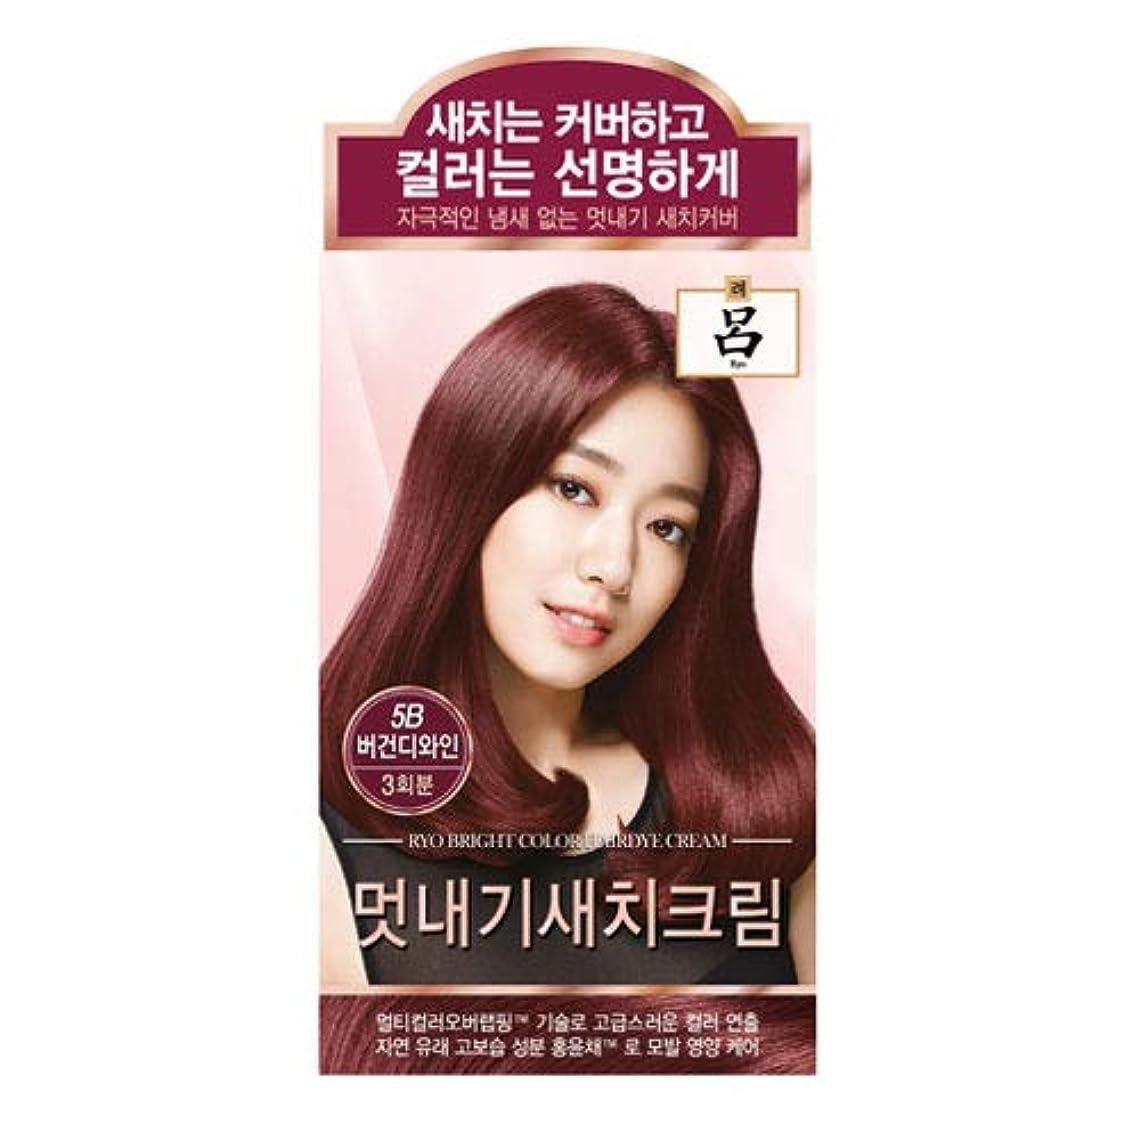 加入ポーター詳細にアモーレパシフィック呂[AMOREPACIFIC/Ryo] ブライトカラーヘアダイクリーム 5B ブルゴーニュワイン/Bright Color Hairdye Cream 5B Burgundy Wine